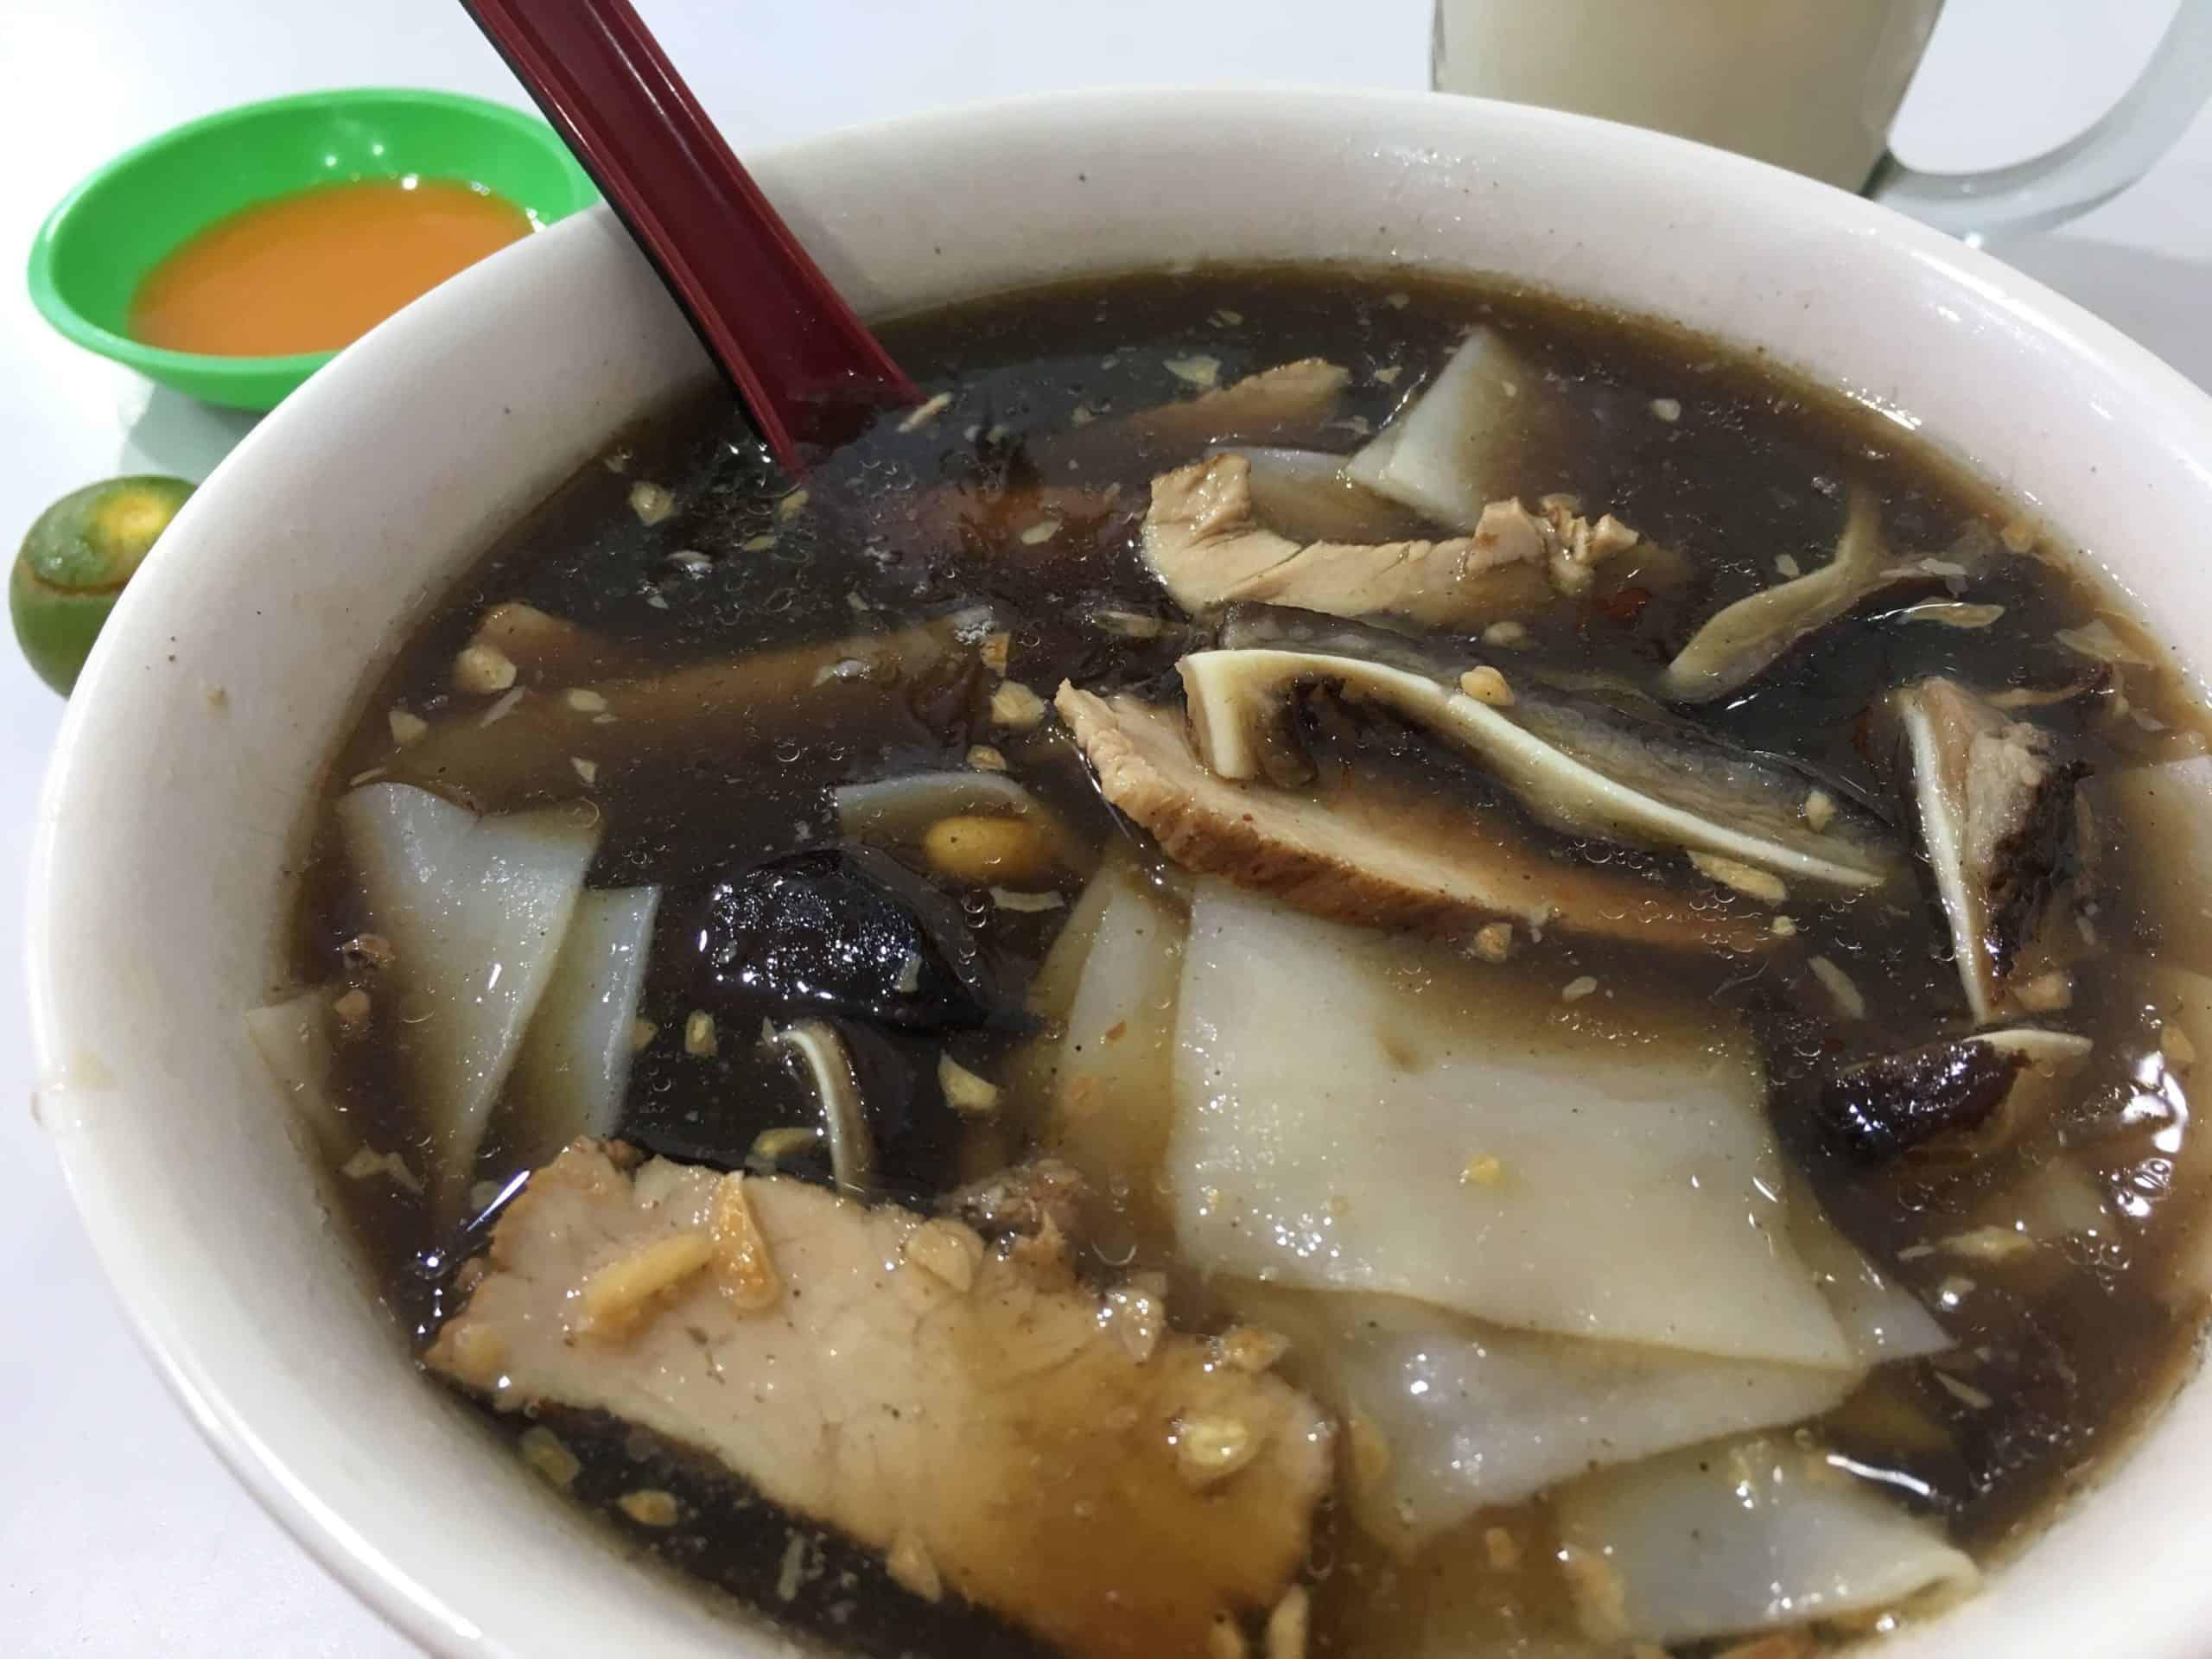 gambar makanan khas kalimantan barat Kwe Kia Teng